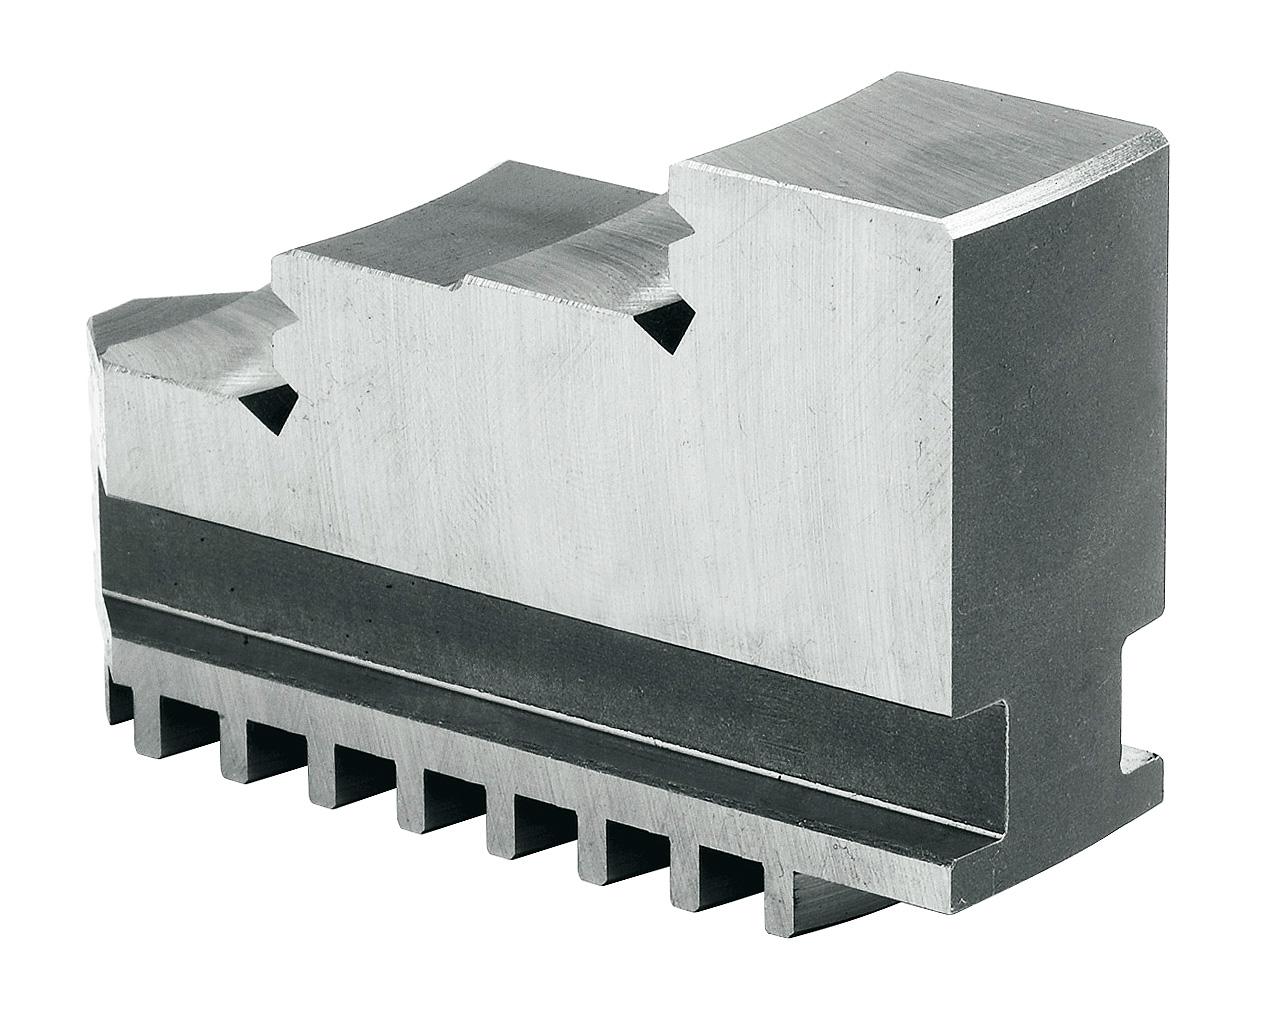 Szczęki jednolite twarde wewnętrzne - komplet DIJ-DK12-80 BERNARDO